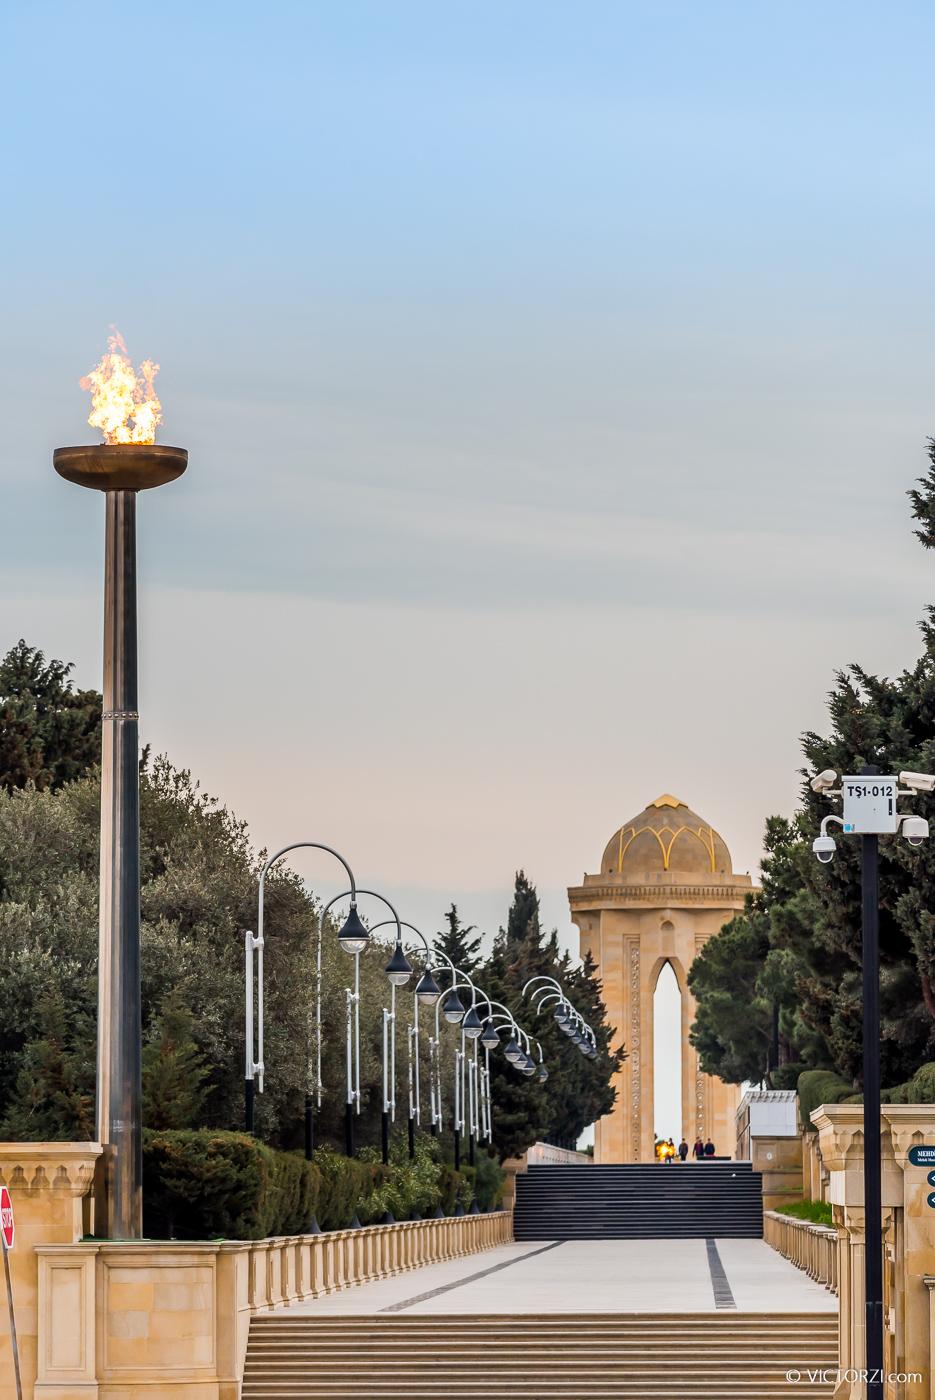 20170401 - Baku - 1614